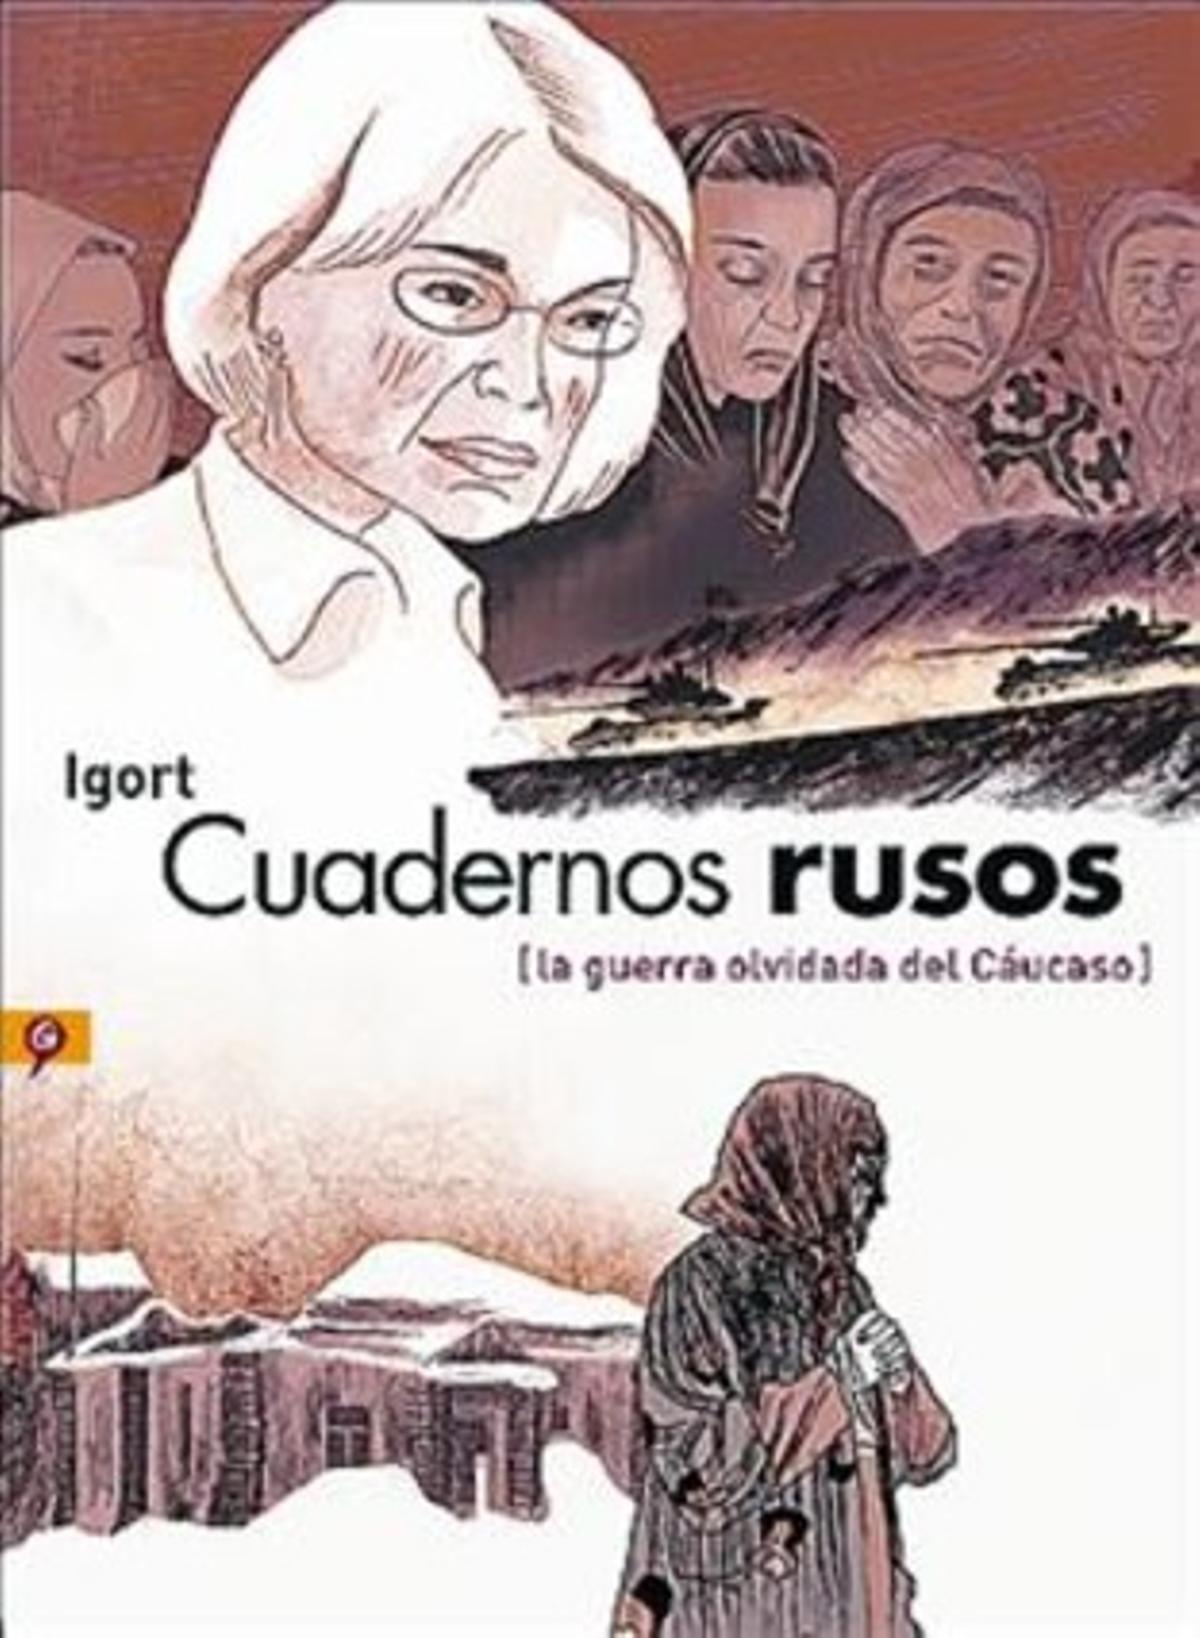 ESCALOFRIANTES RELATOS. Arriba, viñeta de Igort inspirada en el 'Guernica' de Picasso de una madre ante su hijo mutilado. Debajo, Anna Politkóvskaya. Al lado, el testimonio de un torturado.